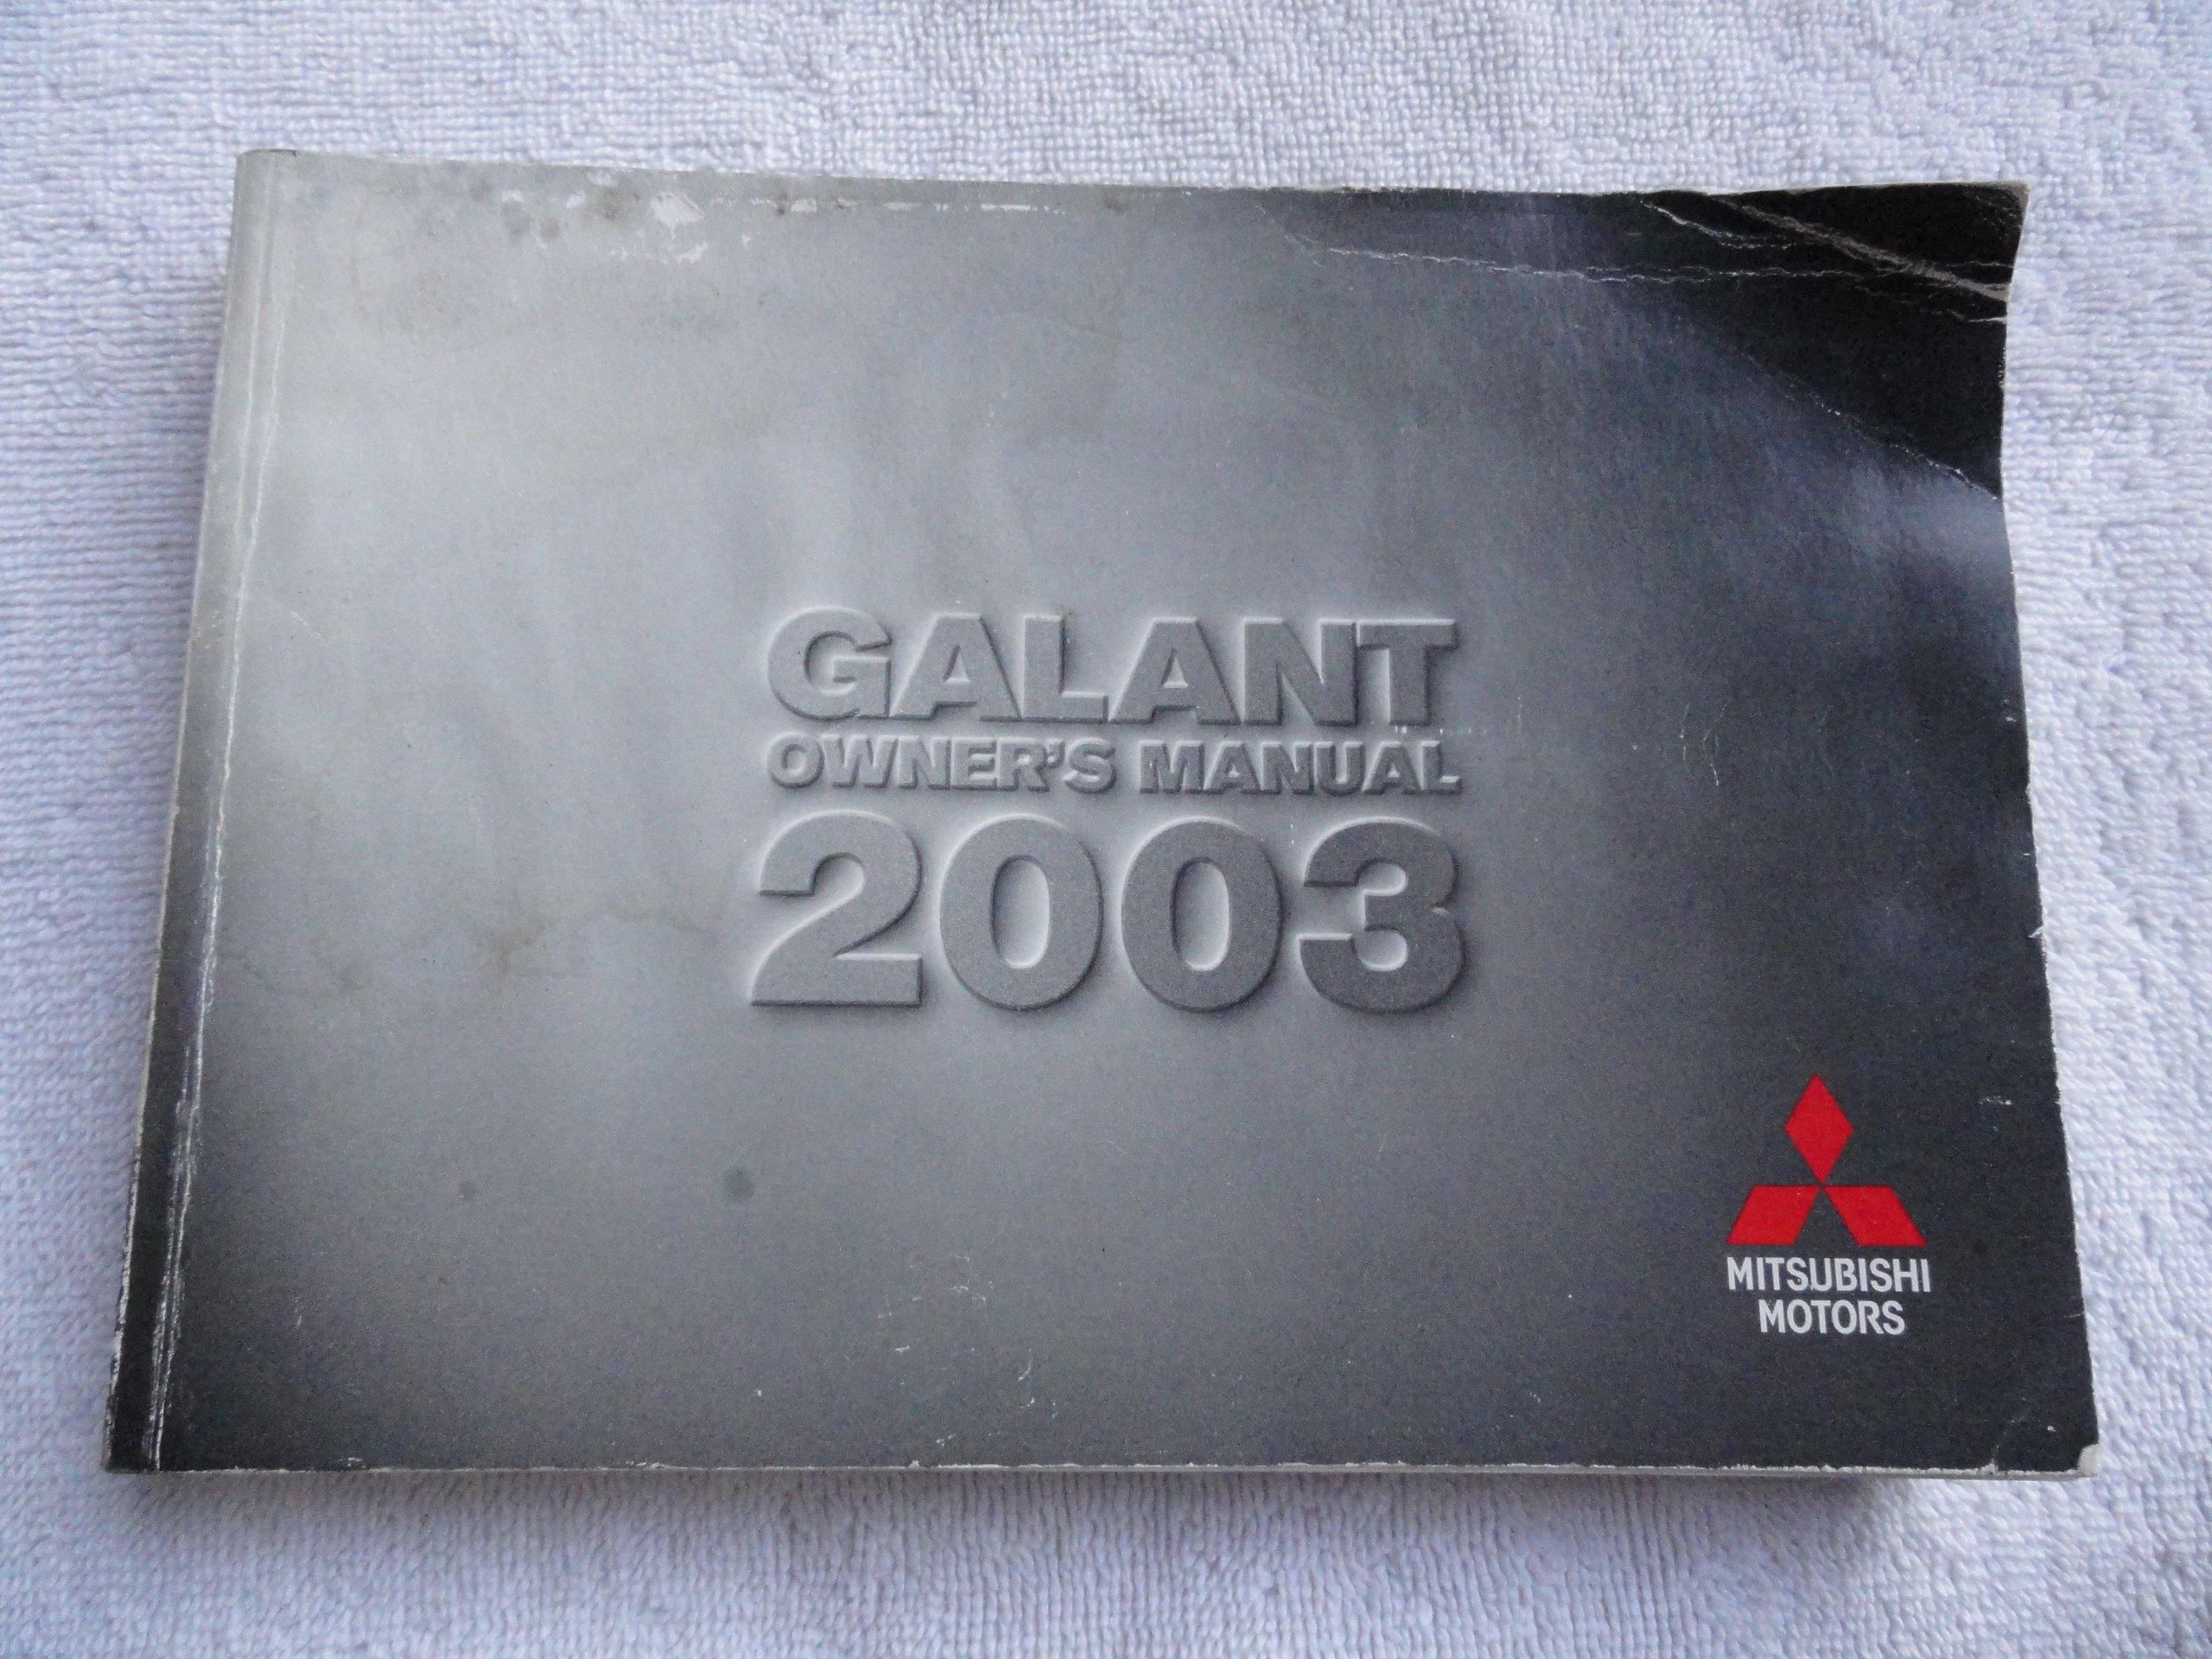 2003 Mitsubishi Galant Owners Manual Mitsubishi Amazon Com Books